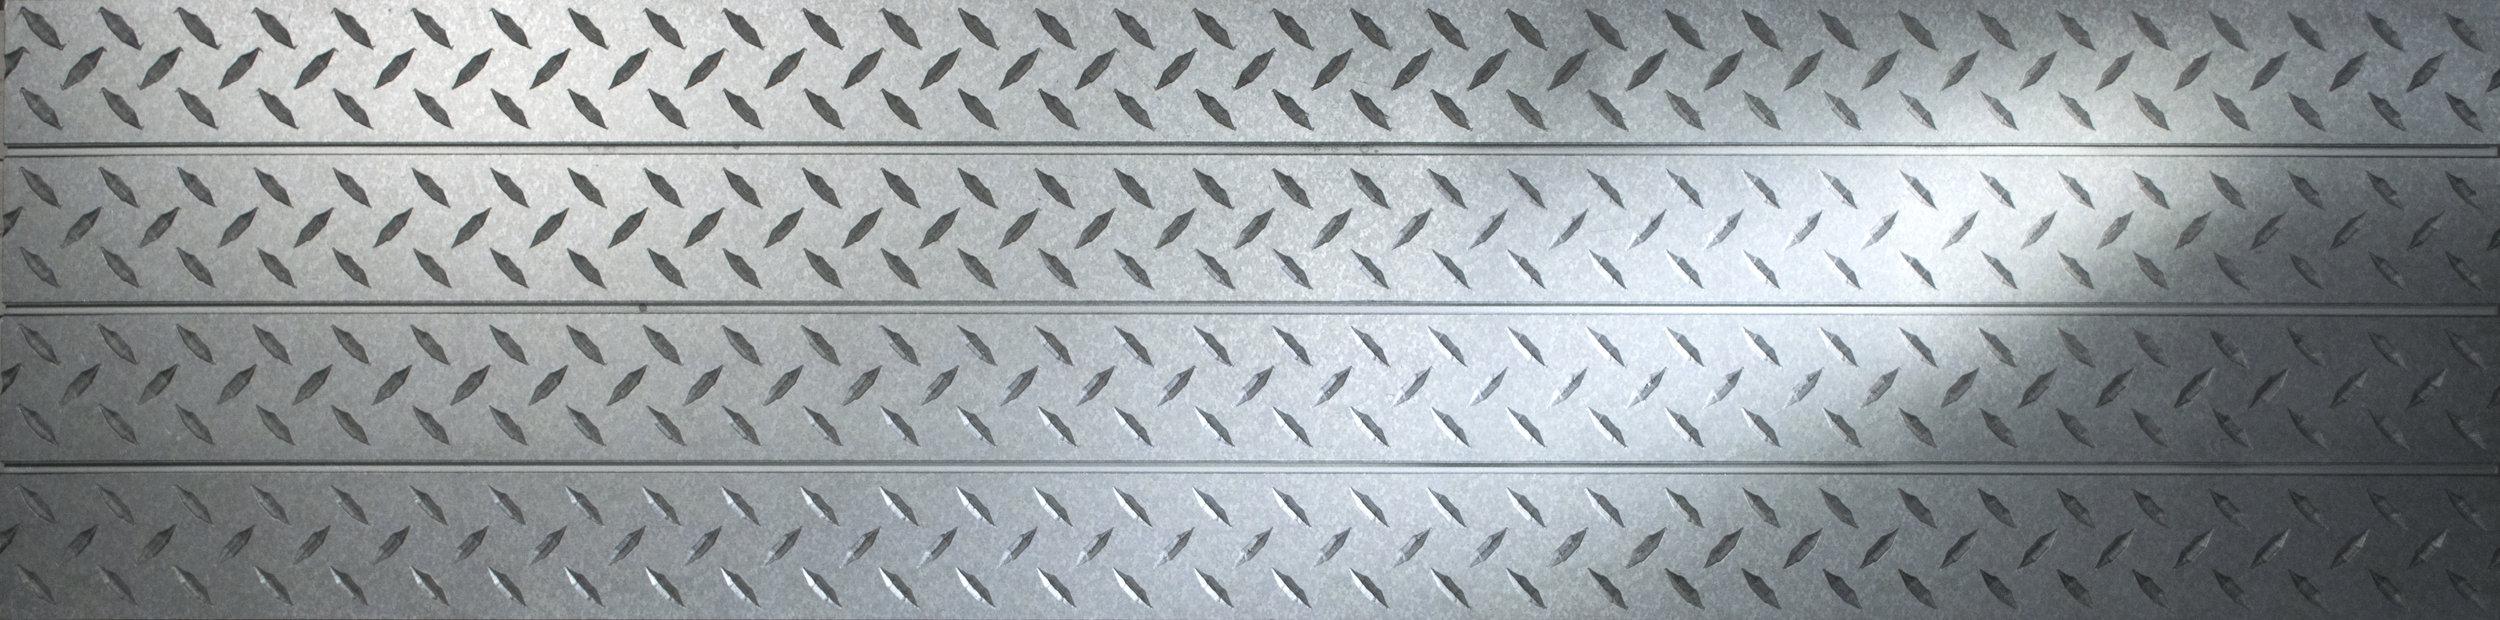 Diamond plate galv full.jpg